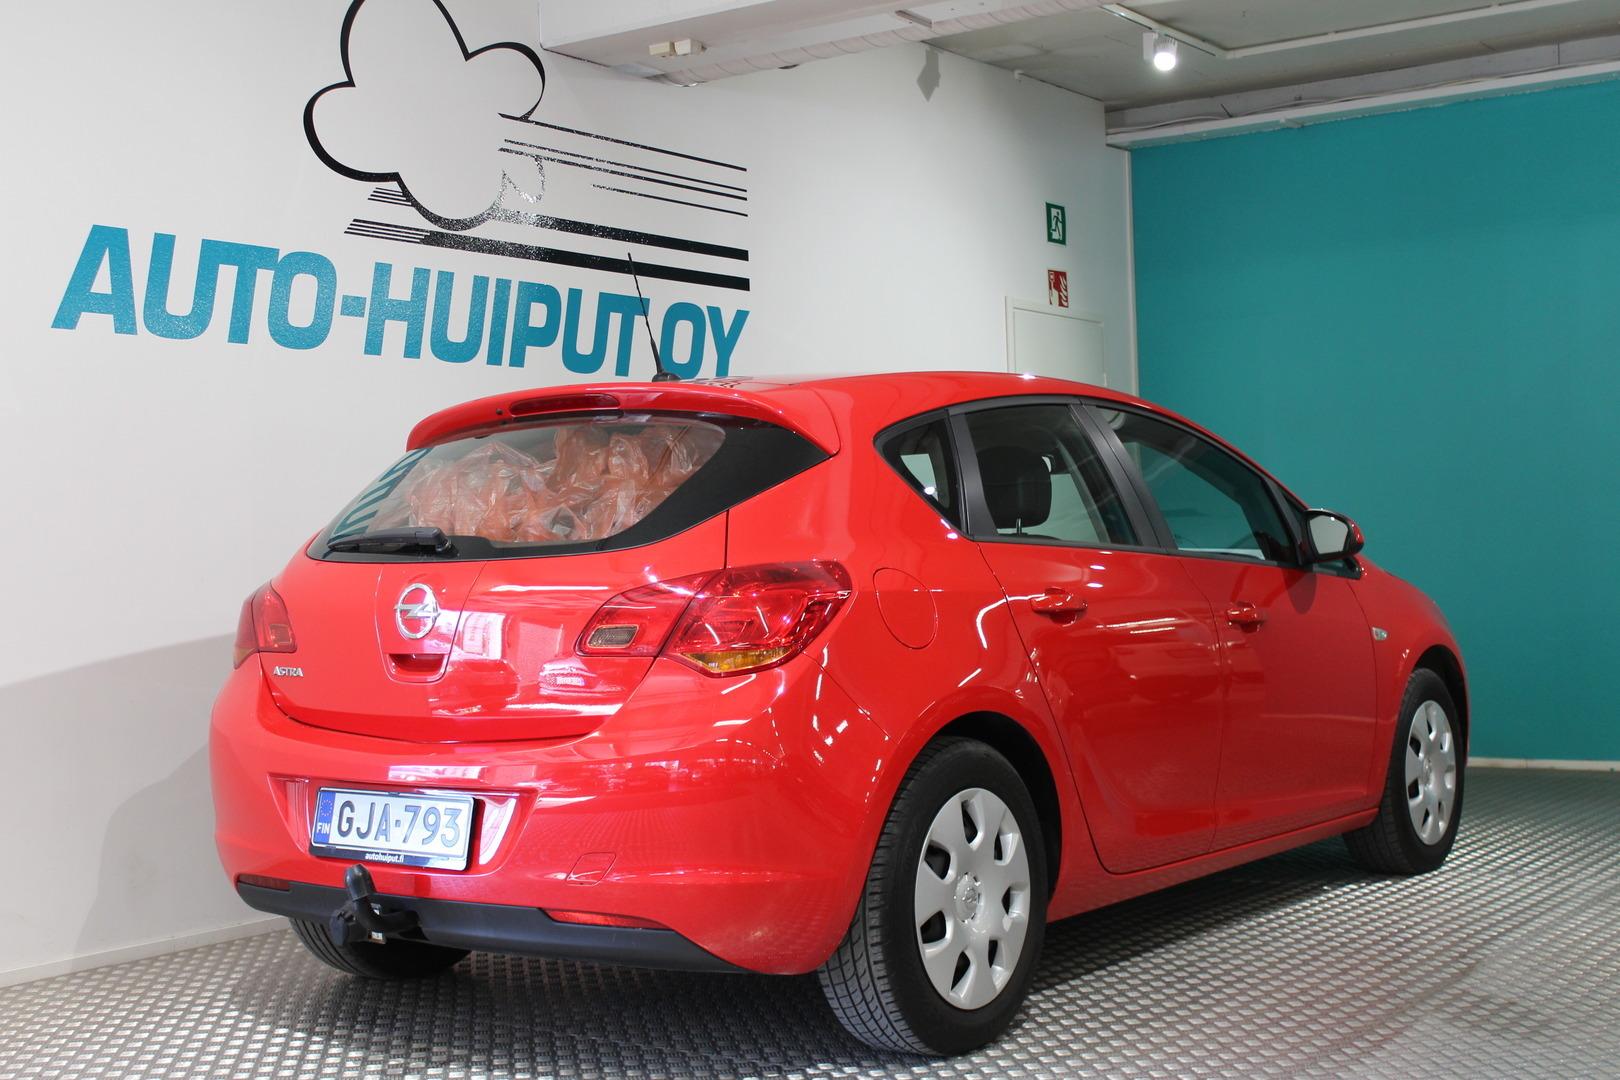 Opel Astra, 5-ov Enjoy 1,6 Ecotec 85kW #Siistikuntoinen #Hyvät varusteet **Juuri tullut**